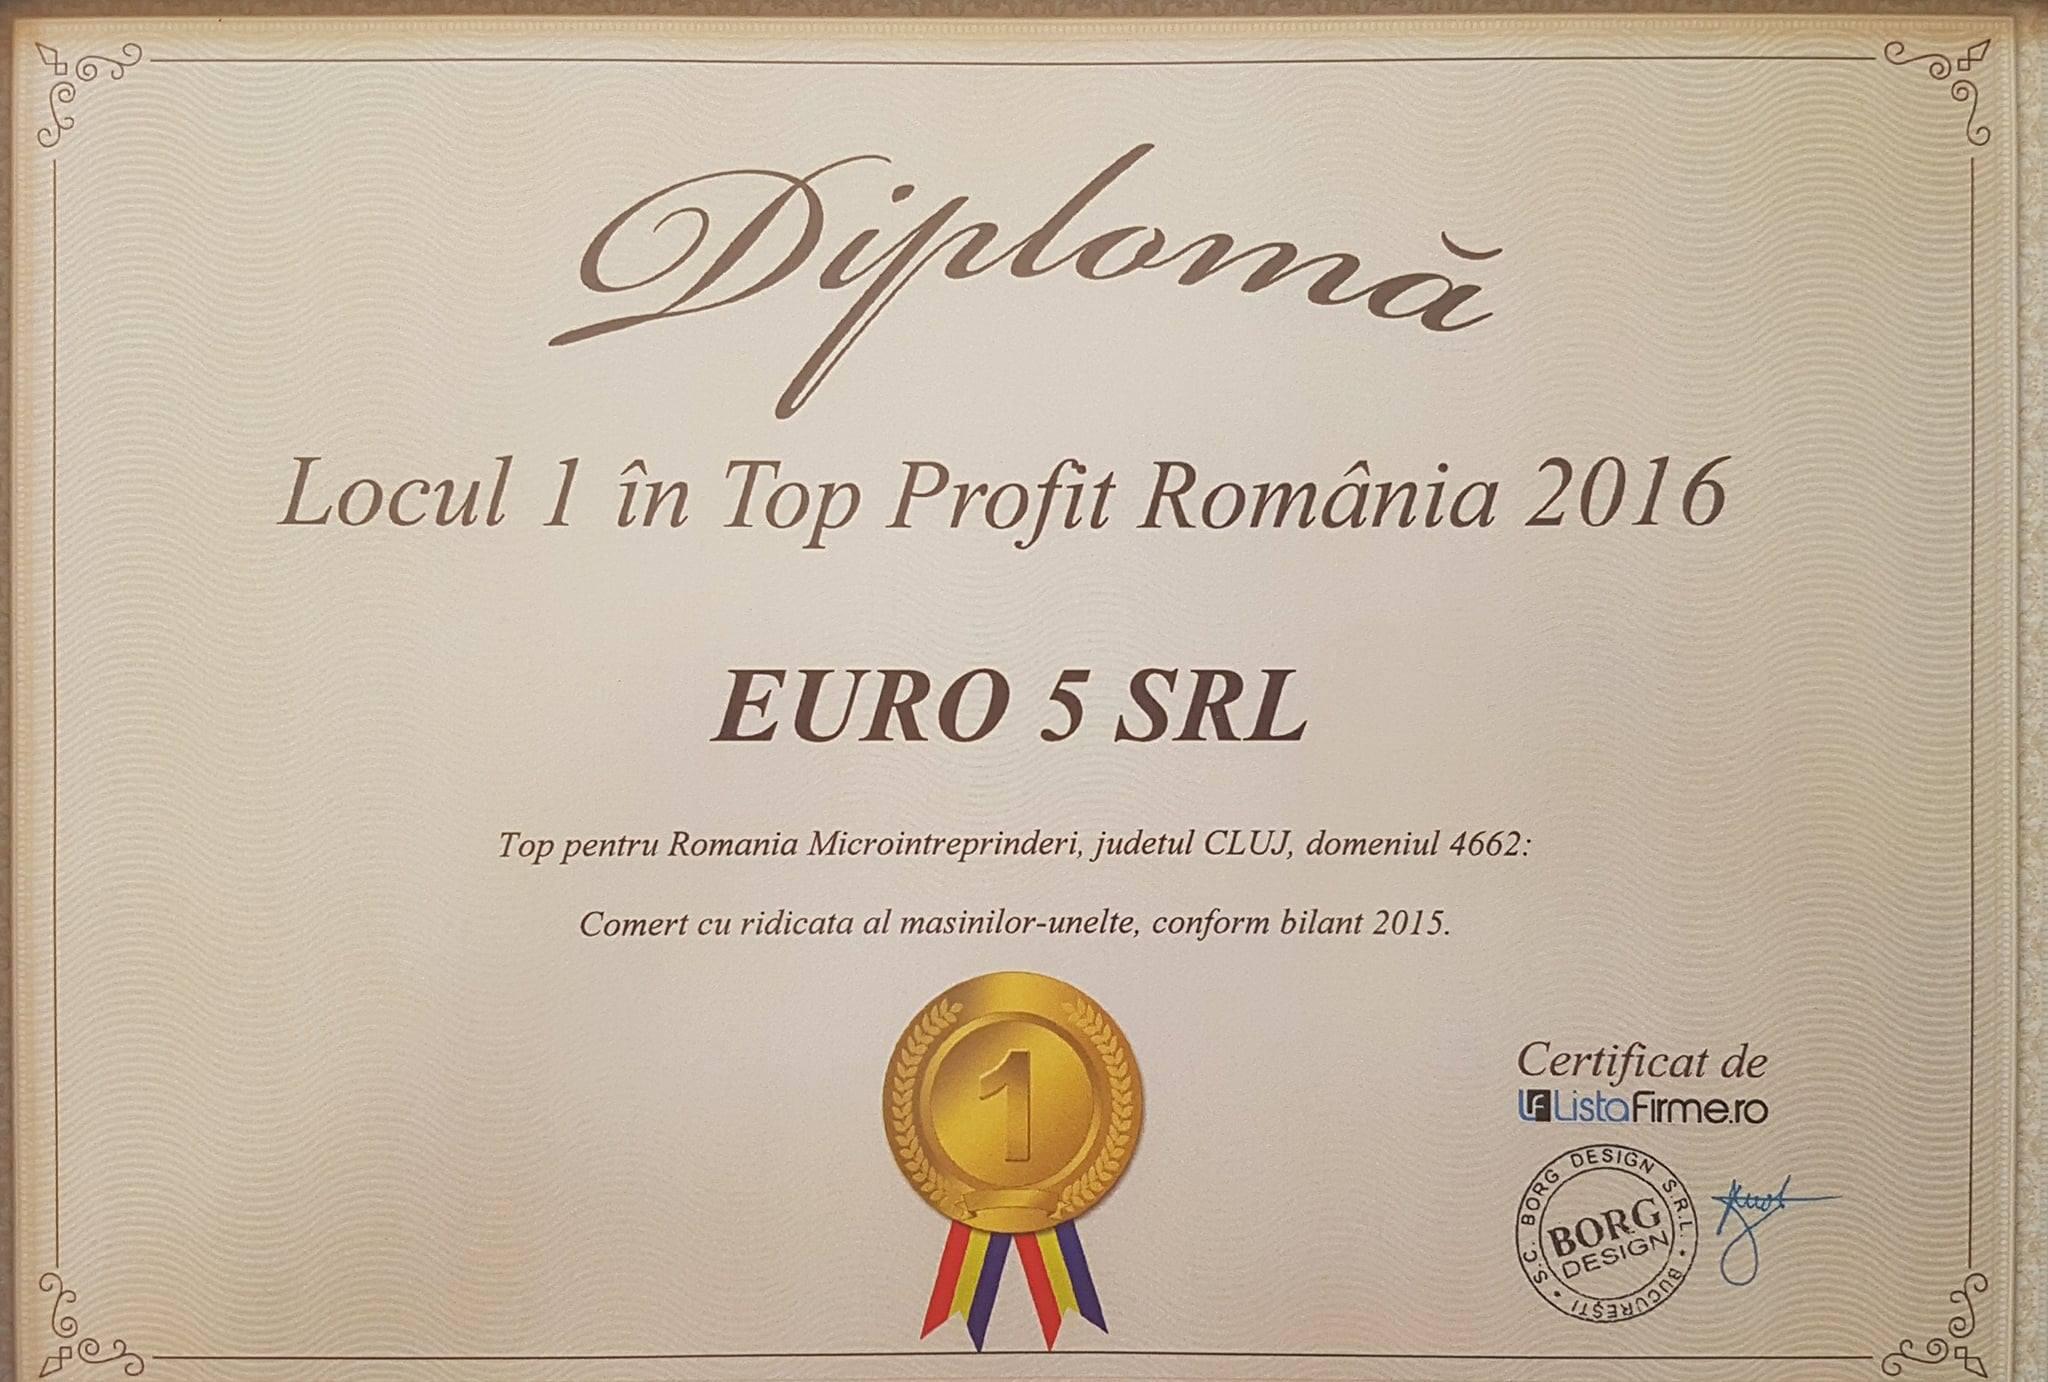 Diploma - Locul 1 in top profit romania 2016